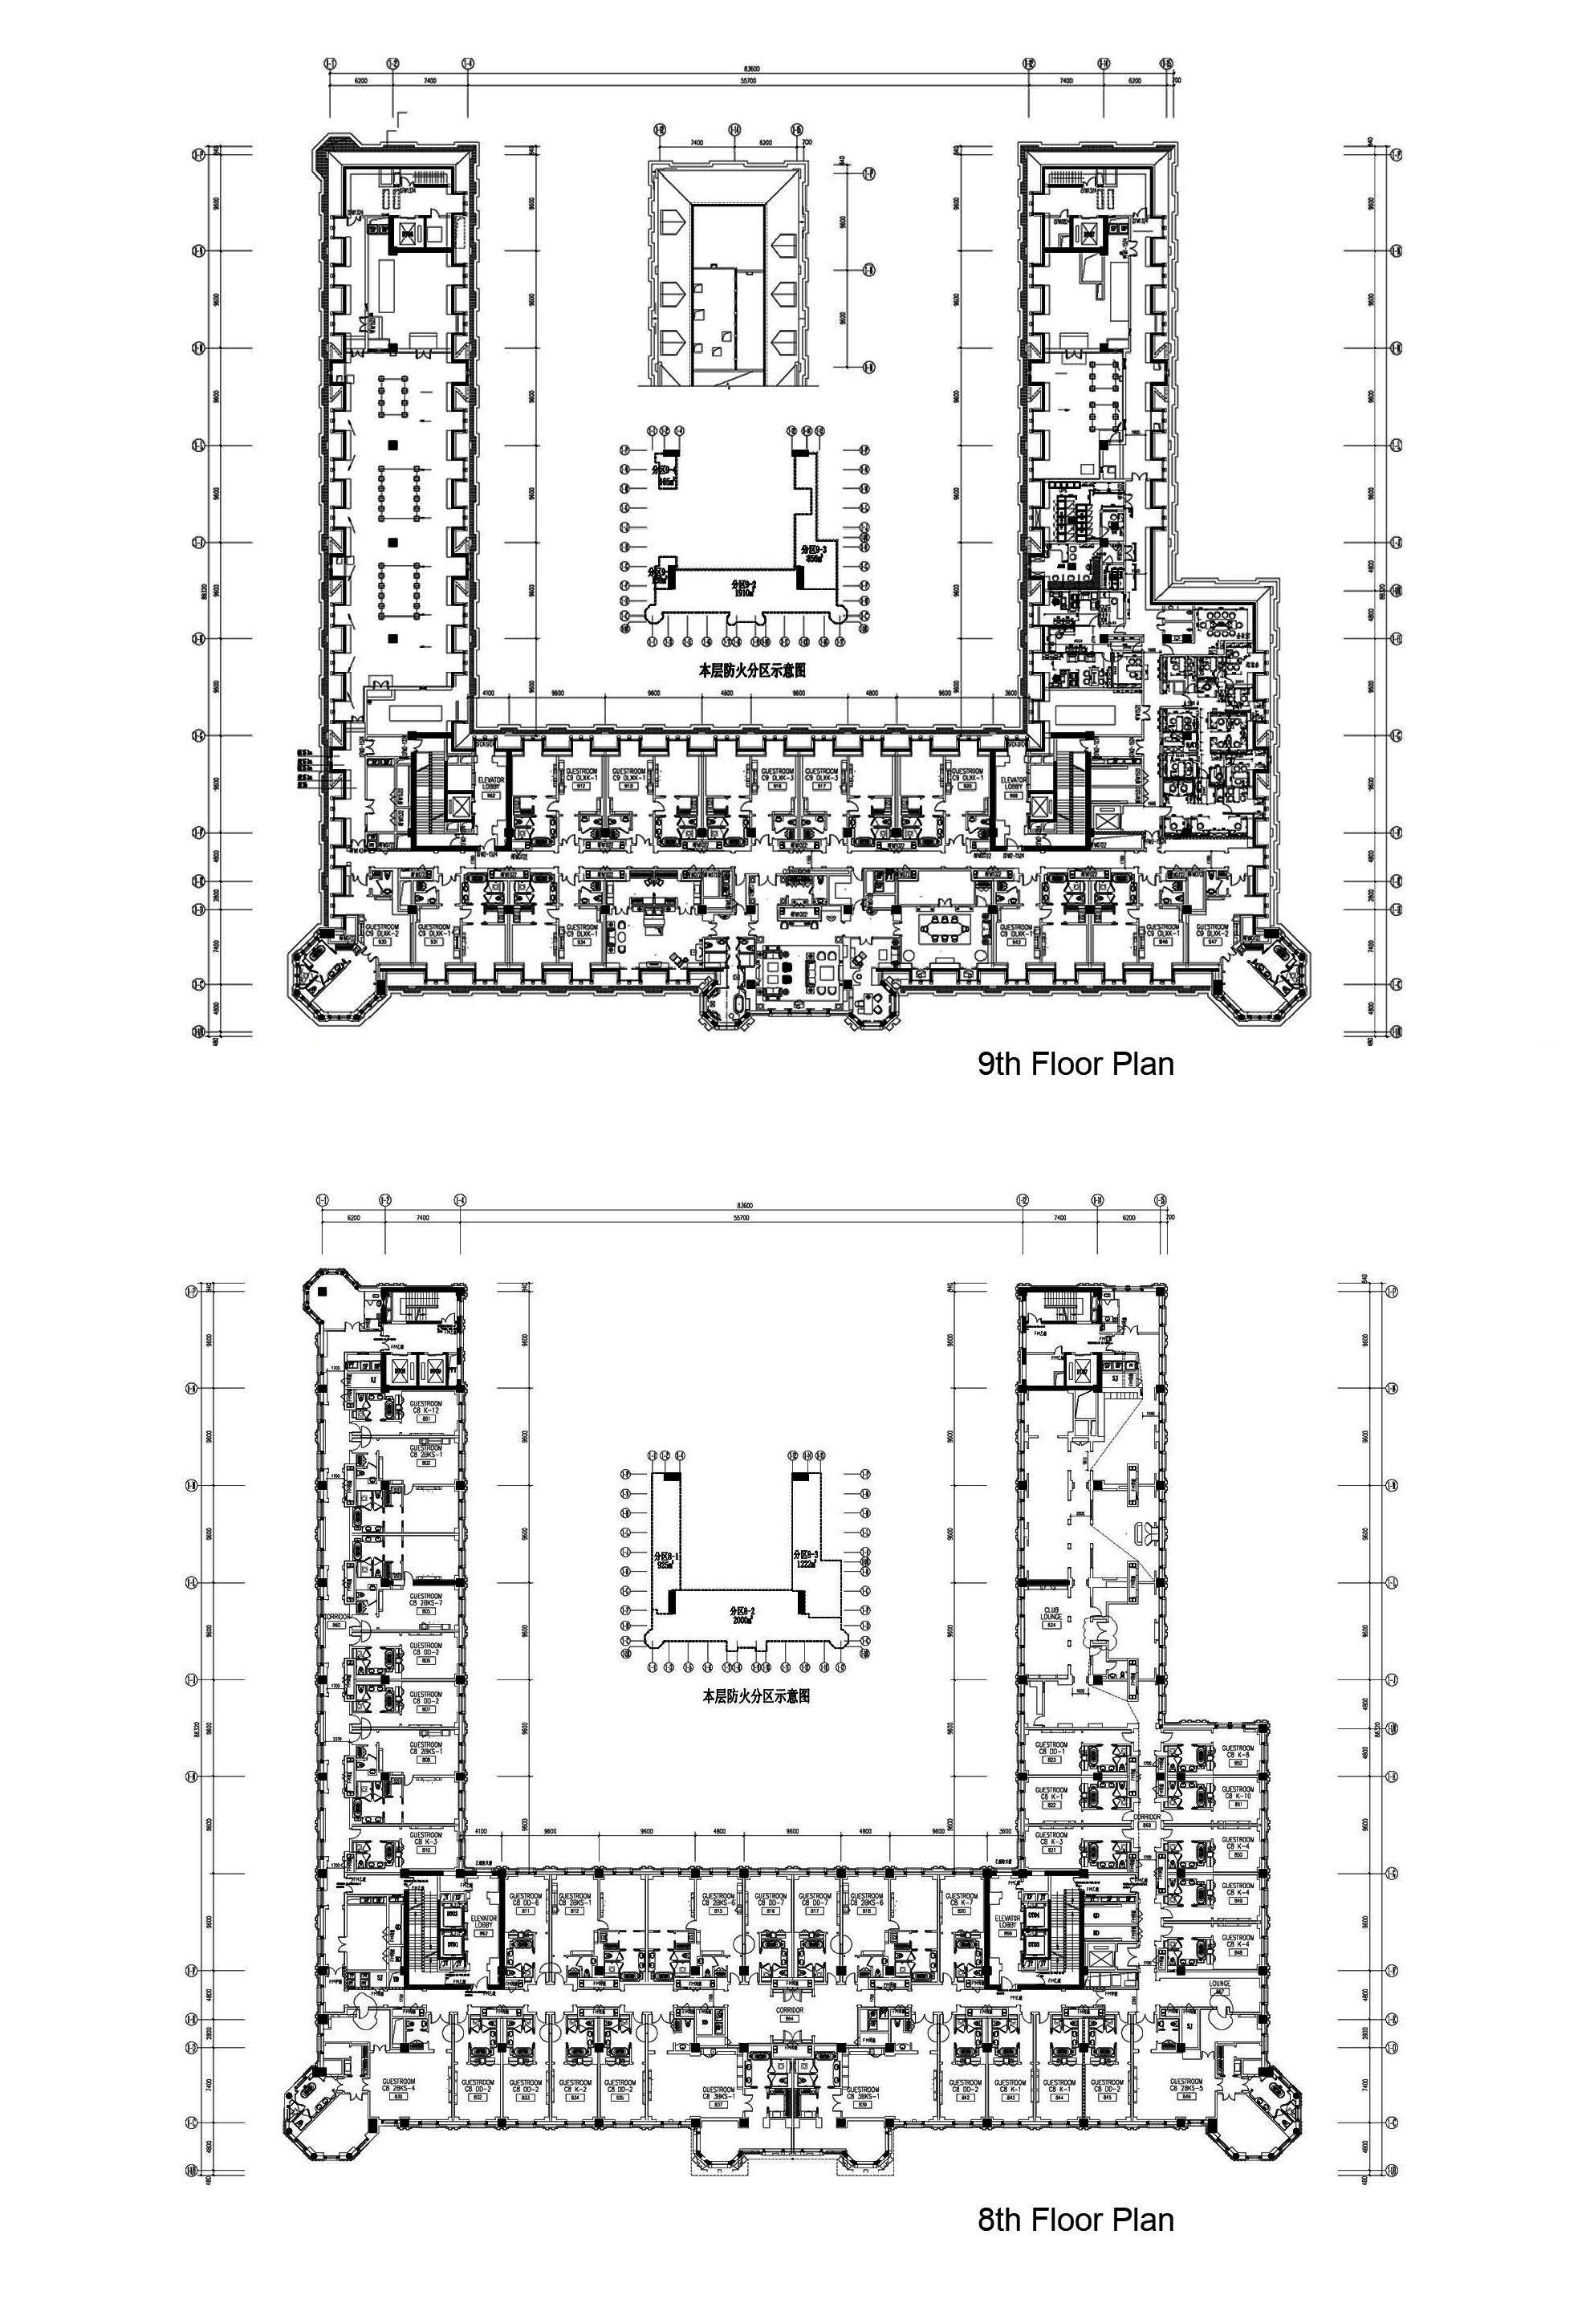 The Ritz Carlton Tianjin 8th 9th Floor Plan Hotel Floor Plan Hotel Floor Floor Plans